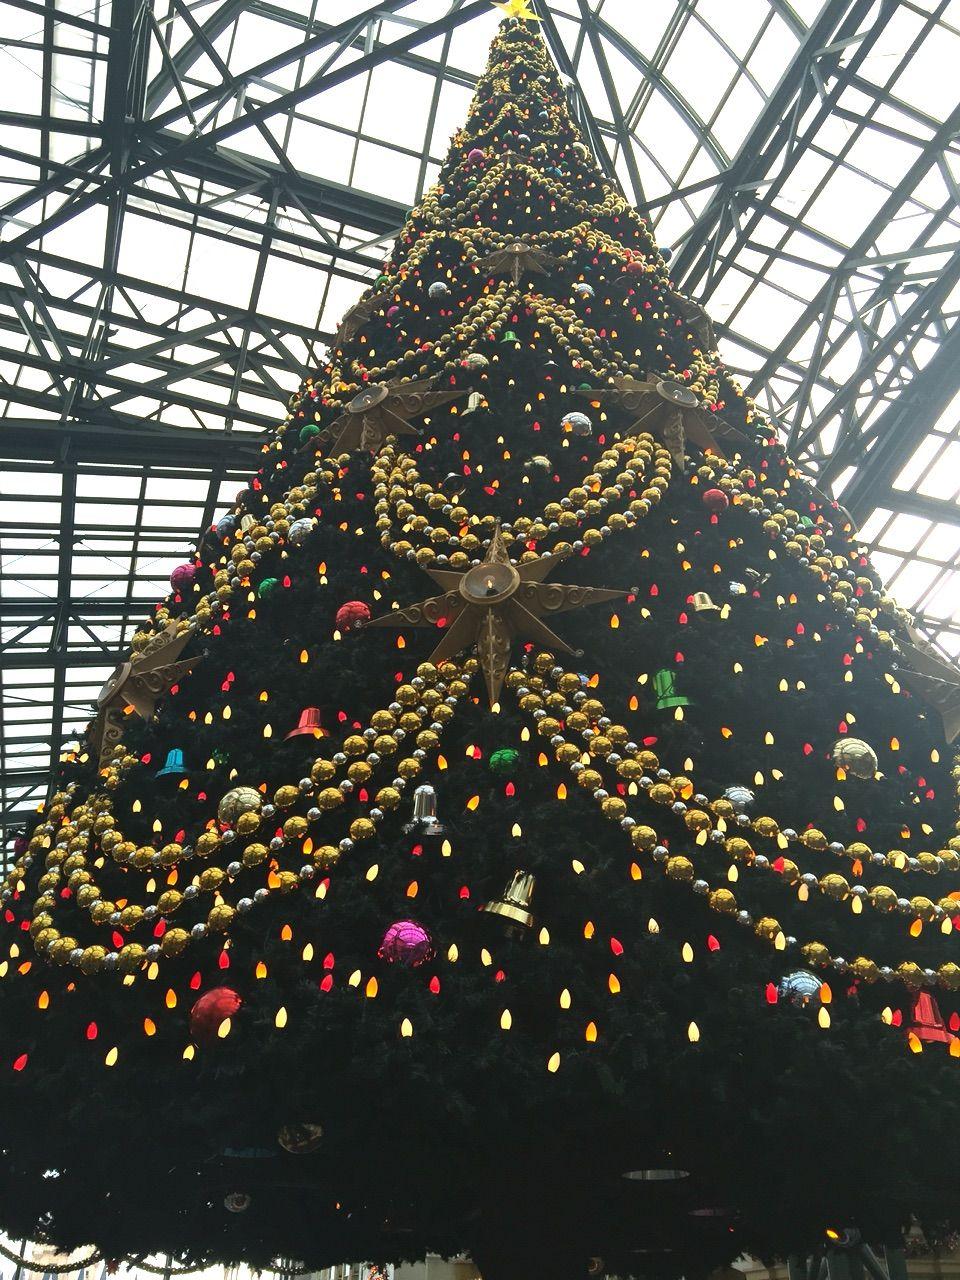 2016年11月 クリスマスディズニー 旅行記(千葉県浦安市『ミラコスタ